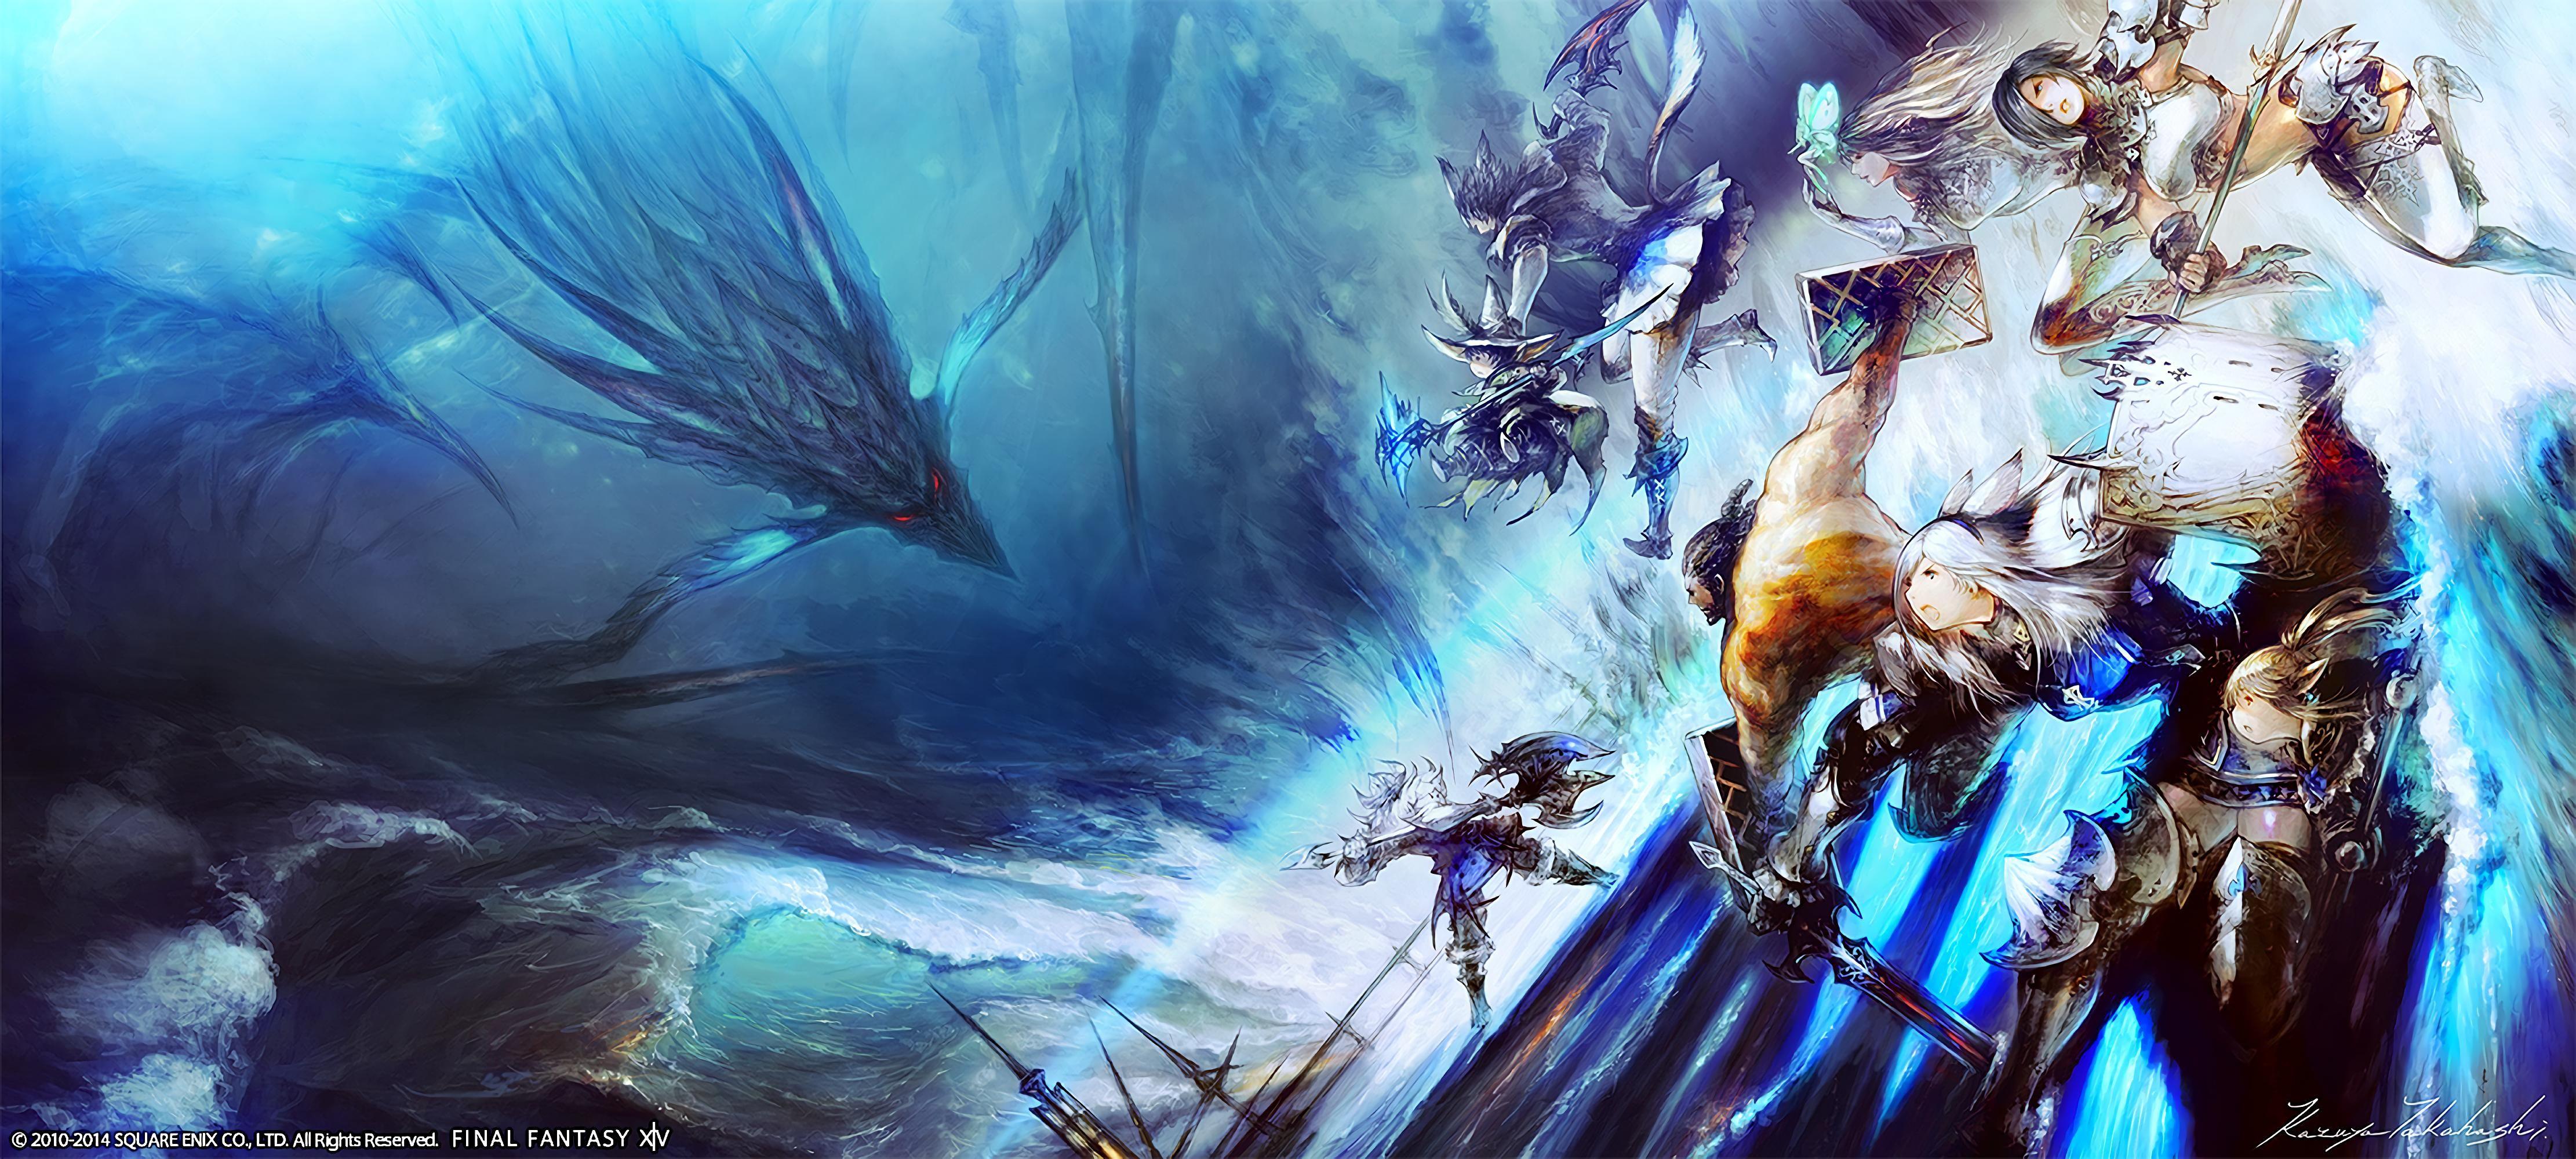 Pin On Final Fantasy Xiv Art